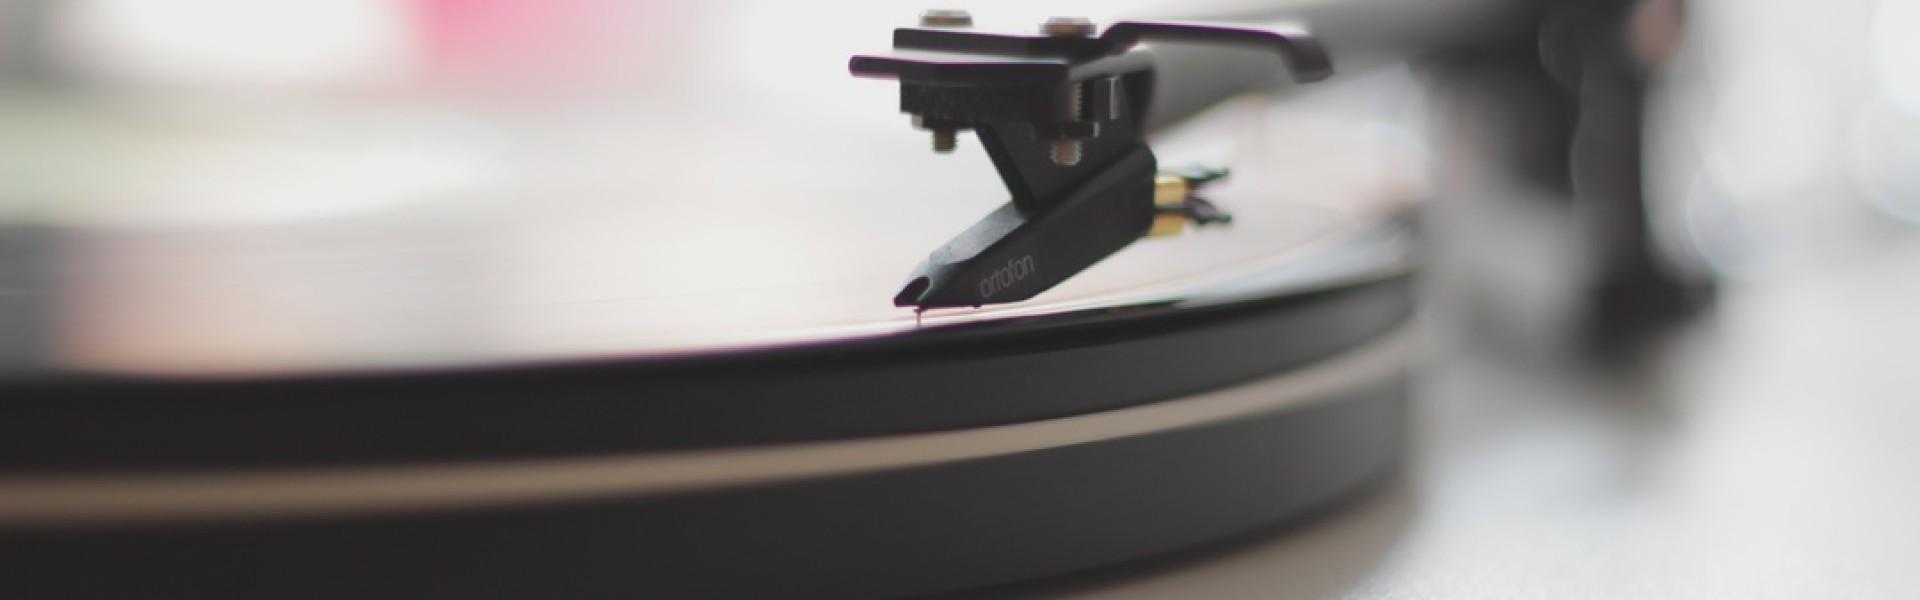 music. simply